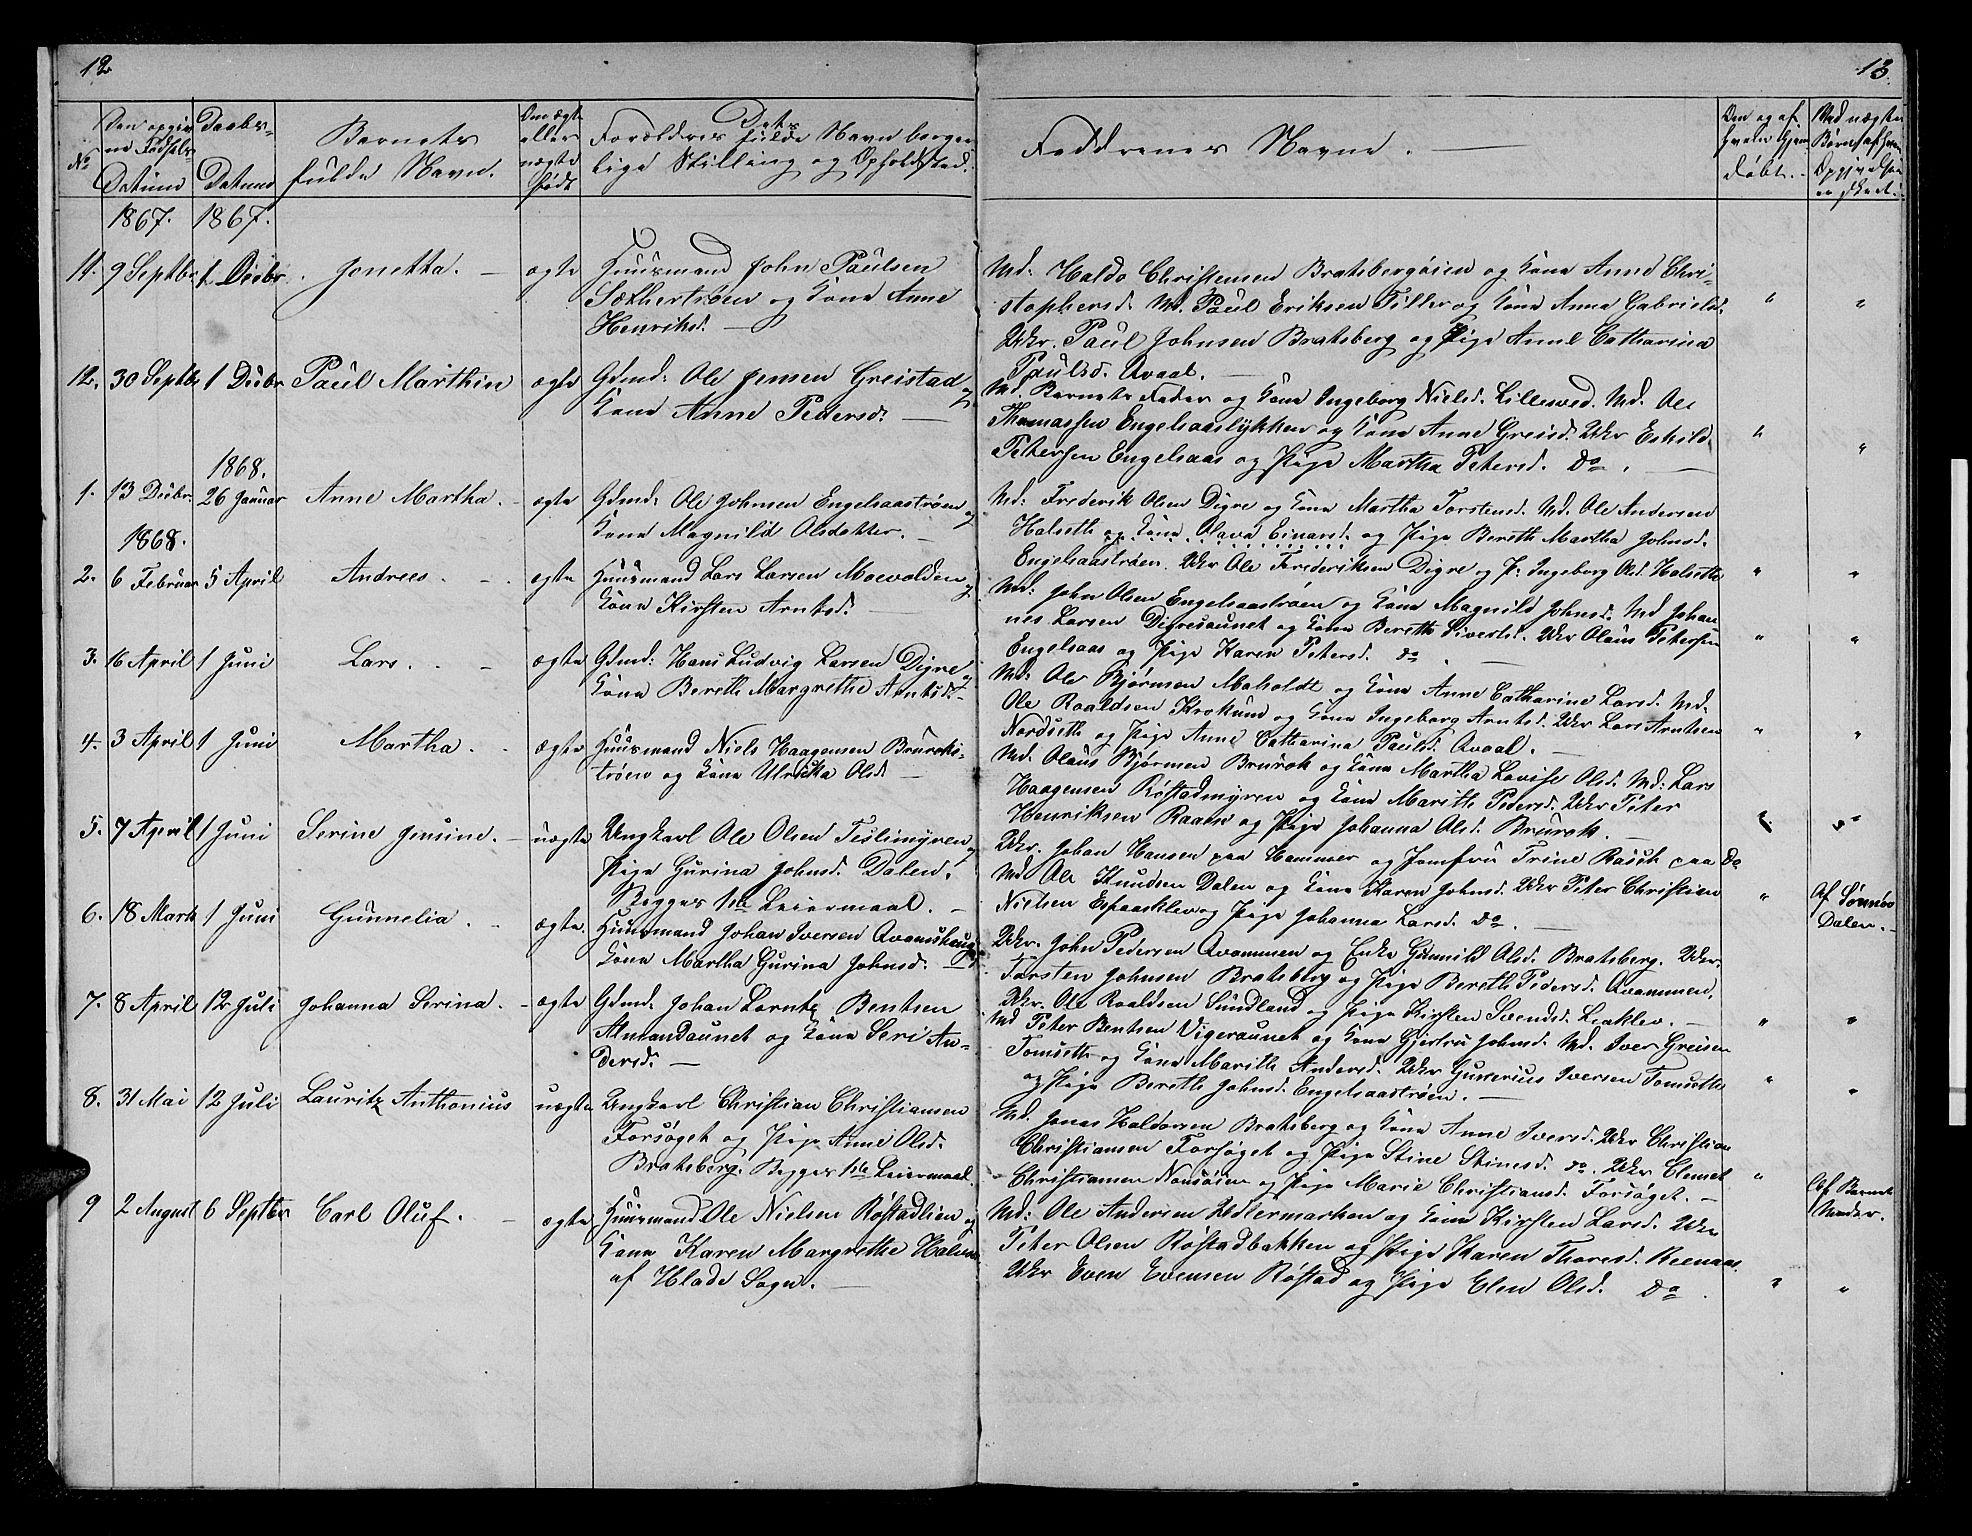 SAT, Ministerialprotokoller, klokkerbøker og fødselsregistre - Sør-Trøndelag, 608/L0340: Klokkerbok nr. 608C06, 1864-1889, s. 12-13